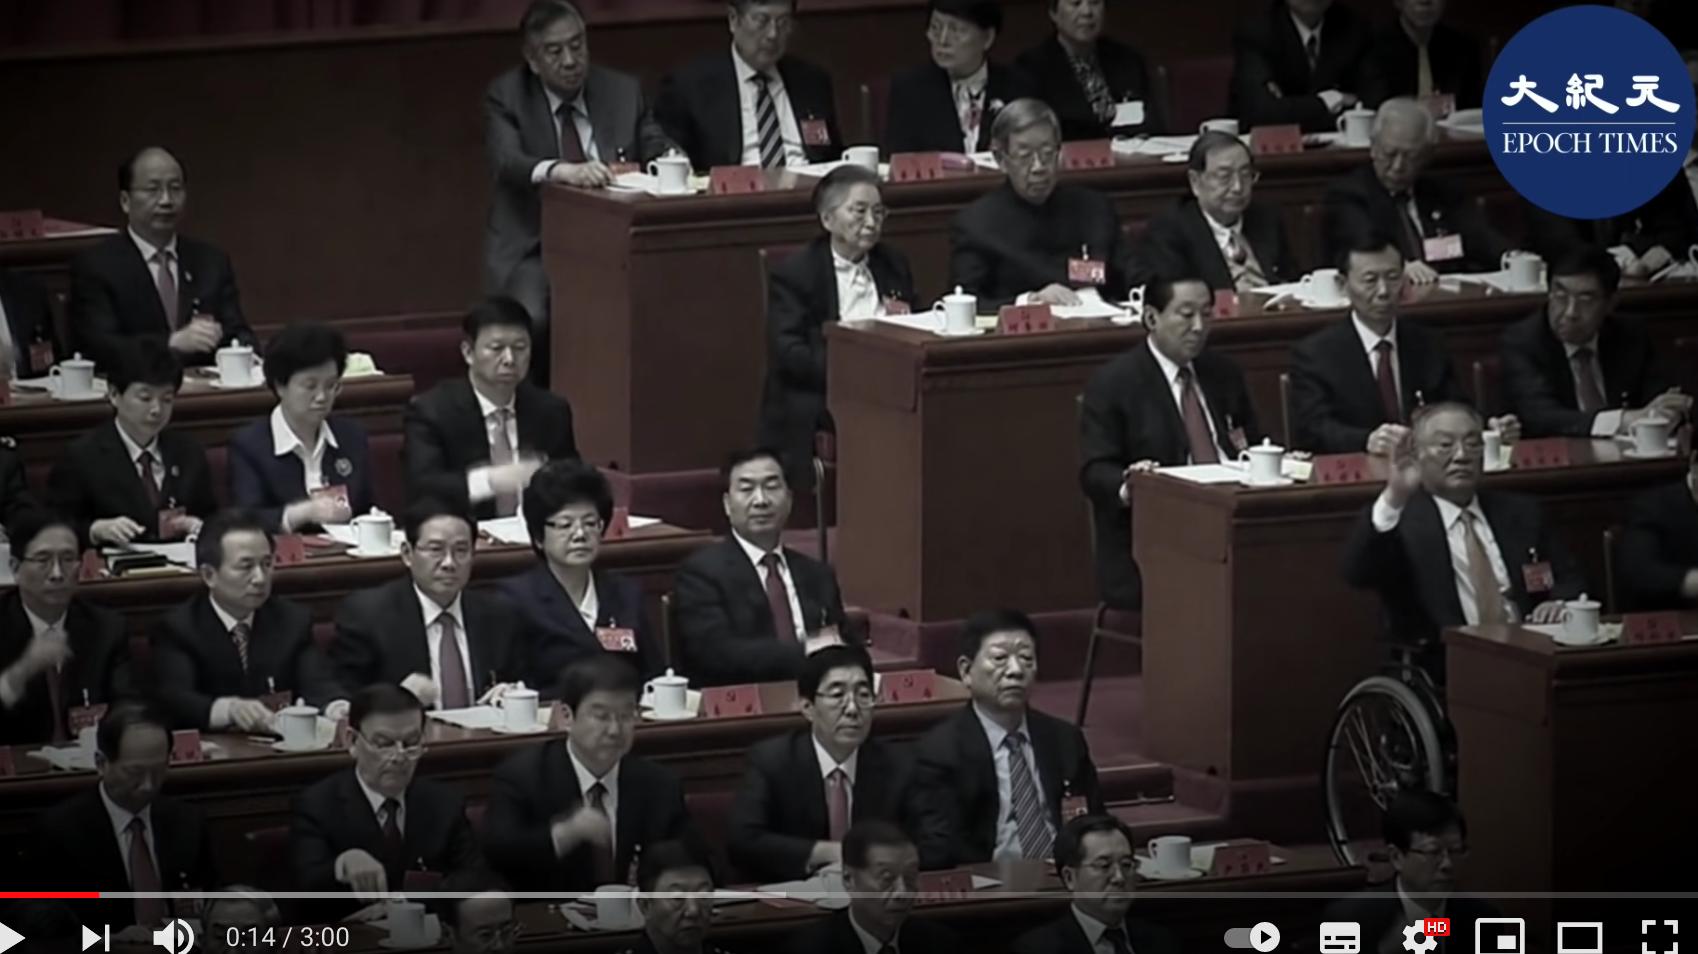 人大常委會8月在北京開會,屆時將審議與香港、澳門有關草案,或將《反外國制裁法》納入香港和澳門《基本法》附件三。圖為人大常委6月在北京舉行會議,通過《反外國制裁法》等。(香港大紀元新唐人聯合新聞頻道影片截圖)